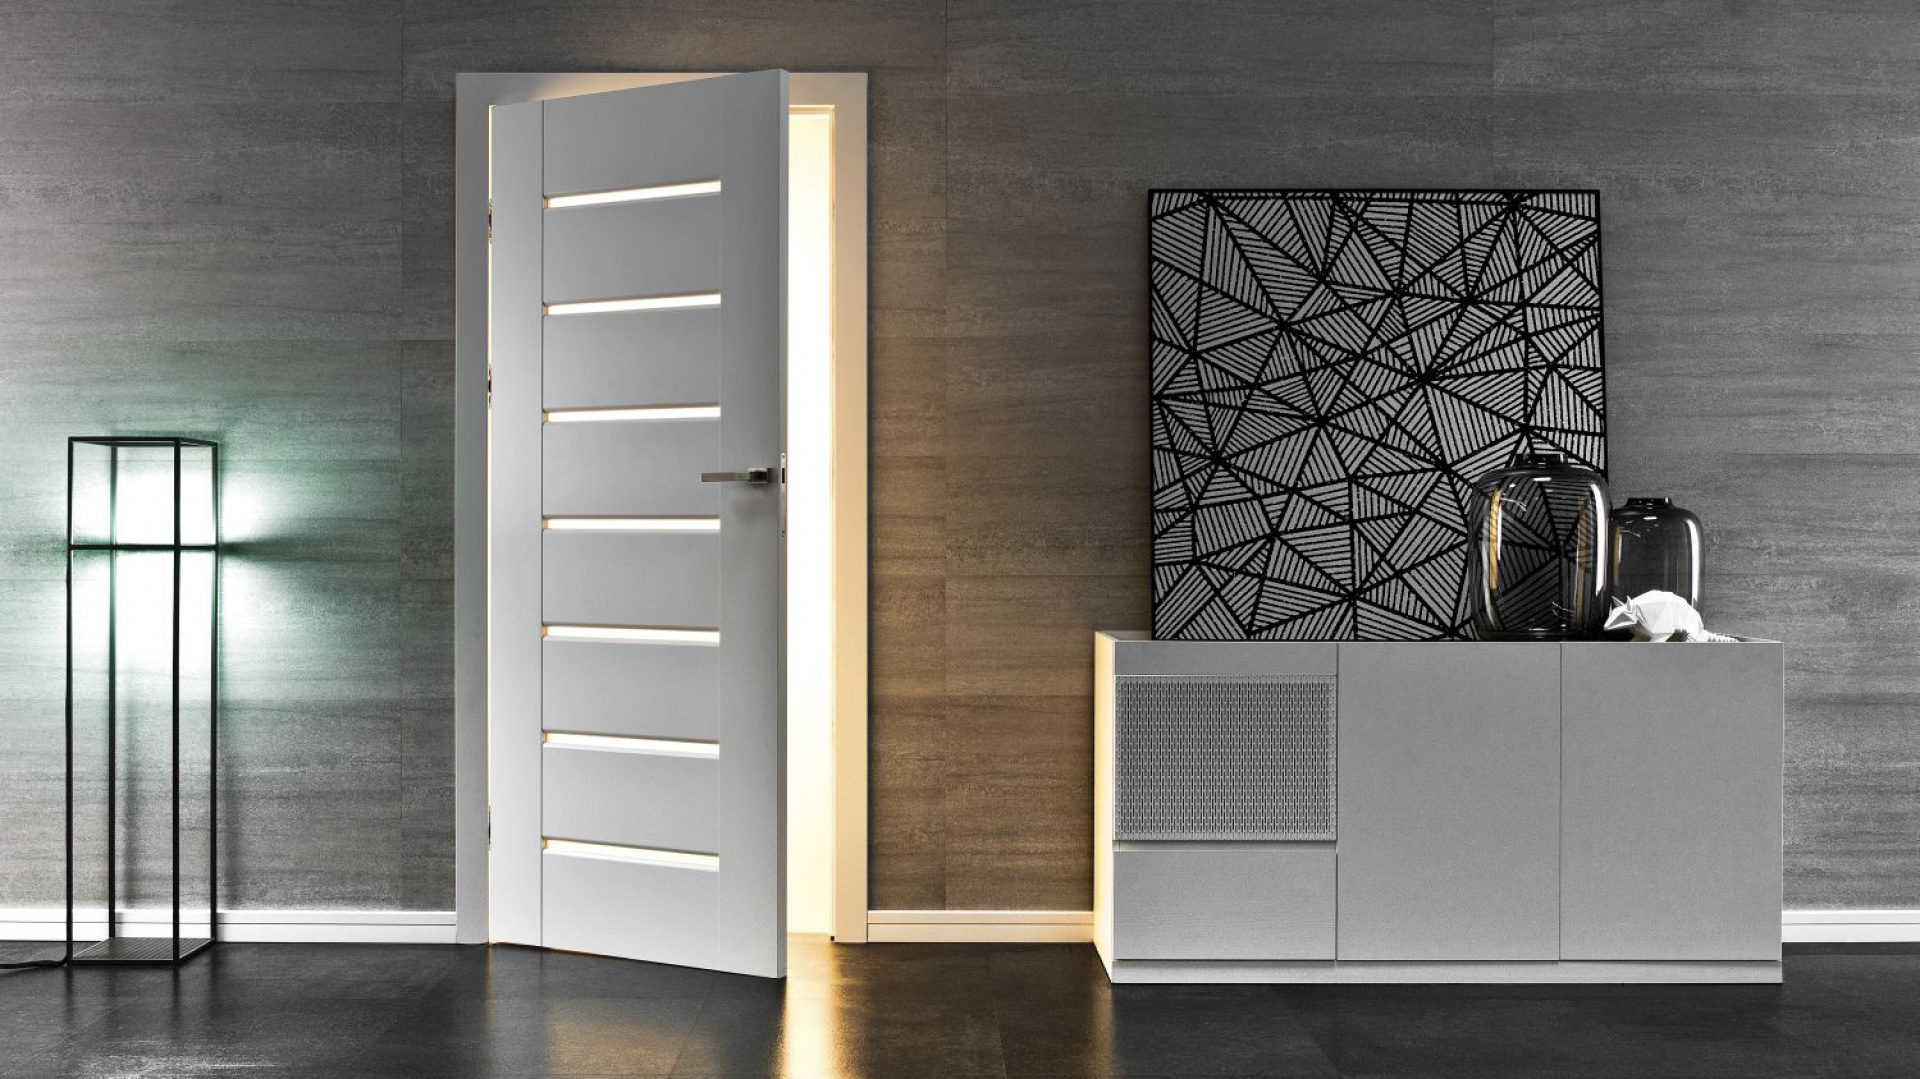 Drzwi Inovo to eleganckie proste wzornictwo oparte o liczne, poziome przeszklenia. Fot. Vox Drzwi i Podłogi.